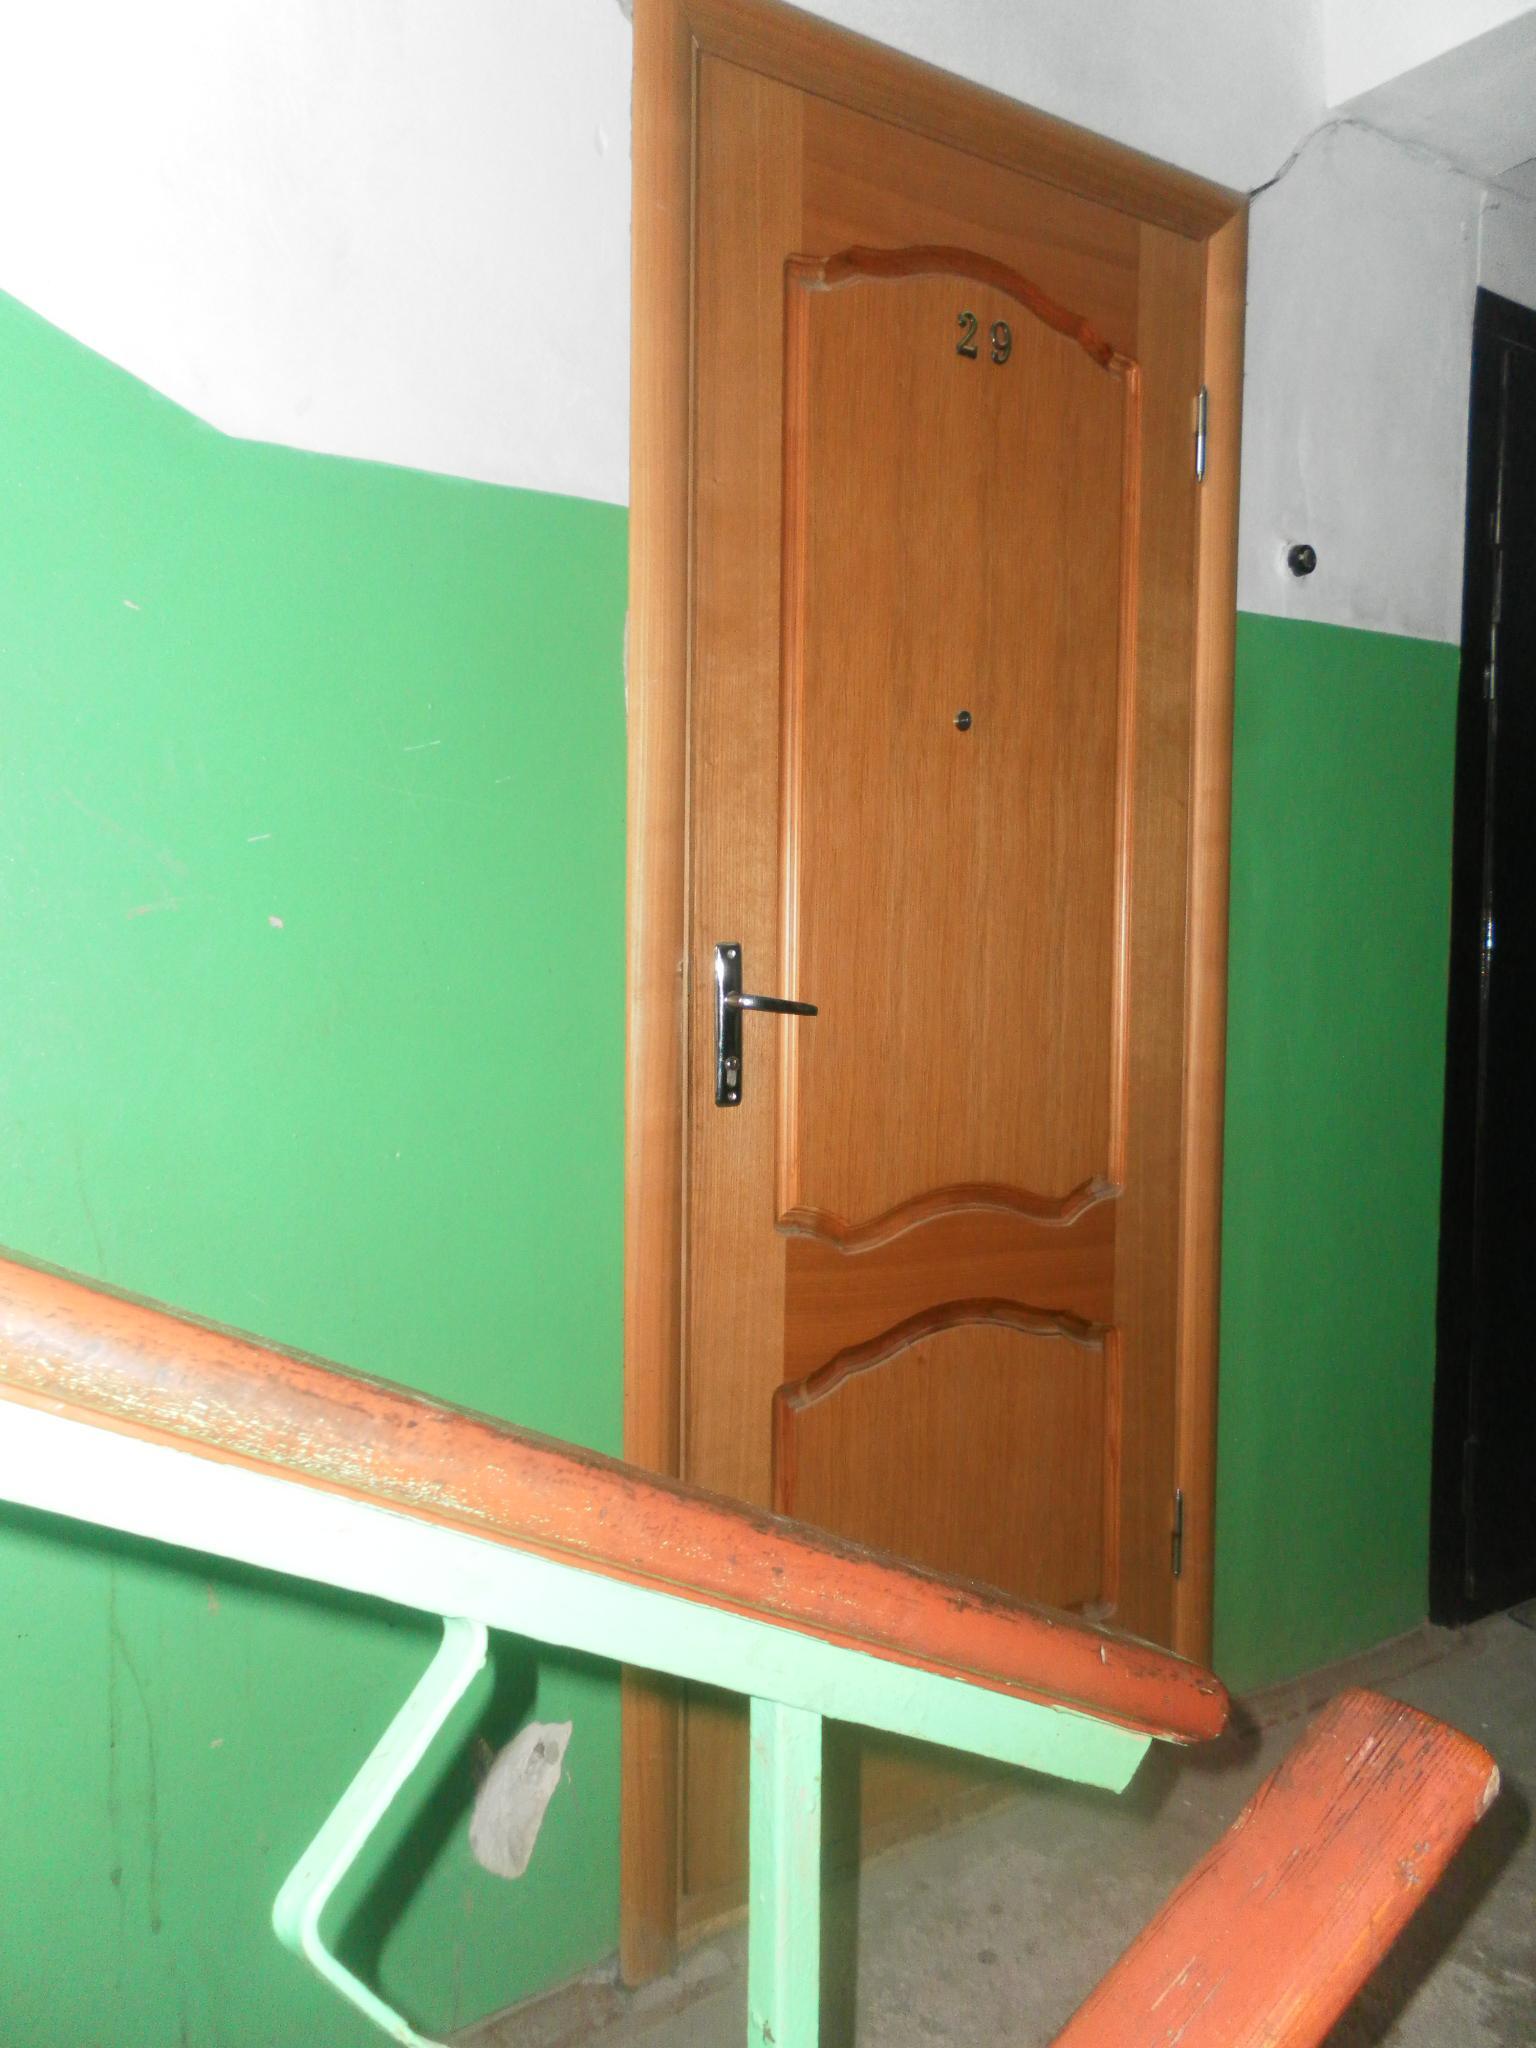 Трехкомнатная квартира - ул. Инженерная, д. 15